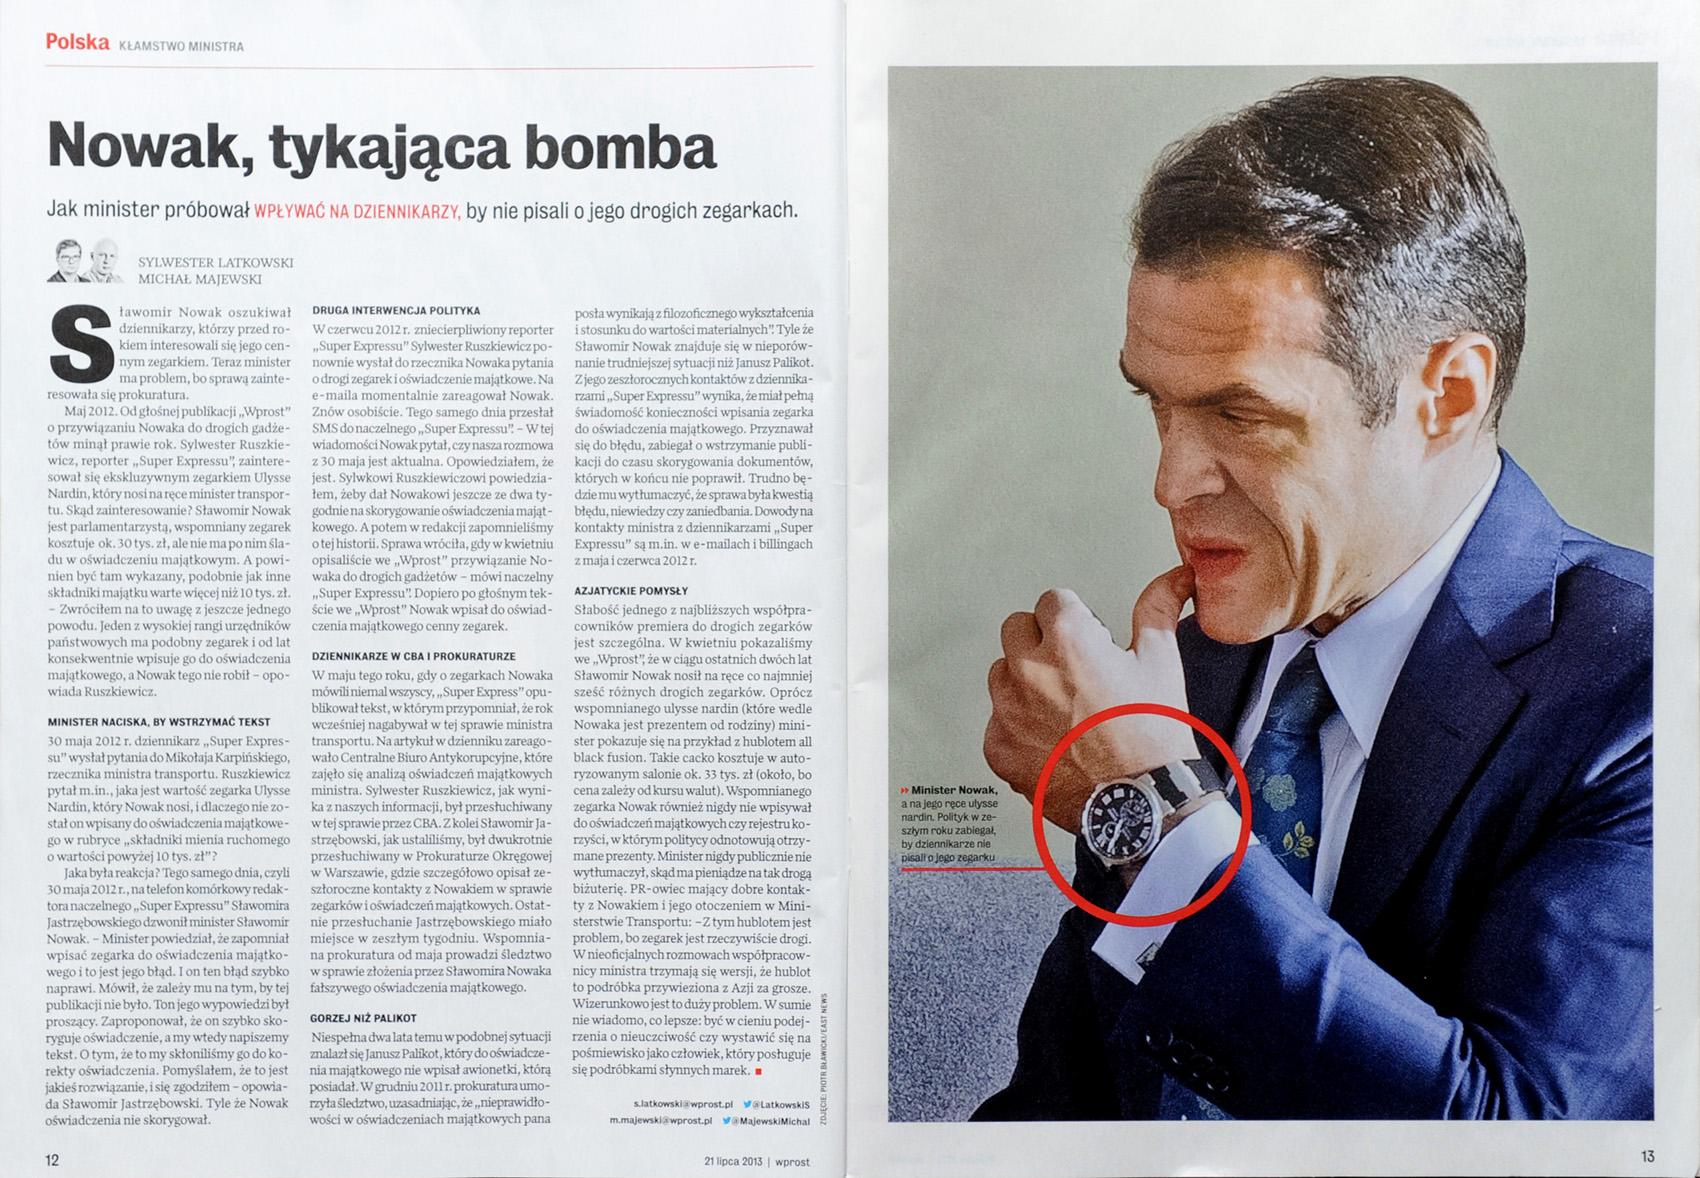 tygodnik WPROST nr 29/2013 r., s. 12-13  minister transportu Sławomir Nowak z zegarkiem Ulysse Nardin